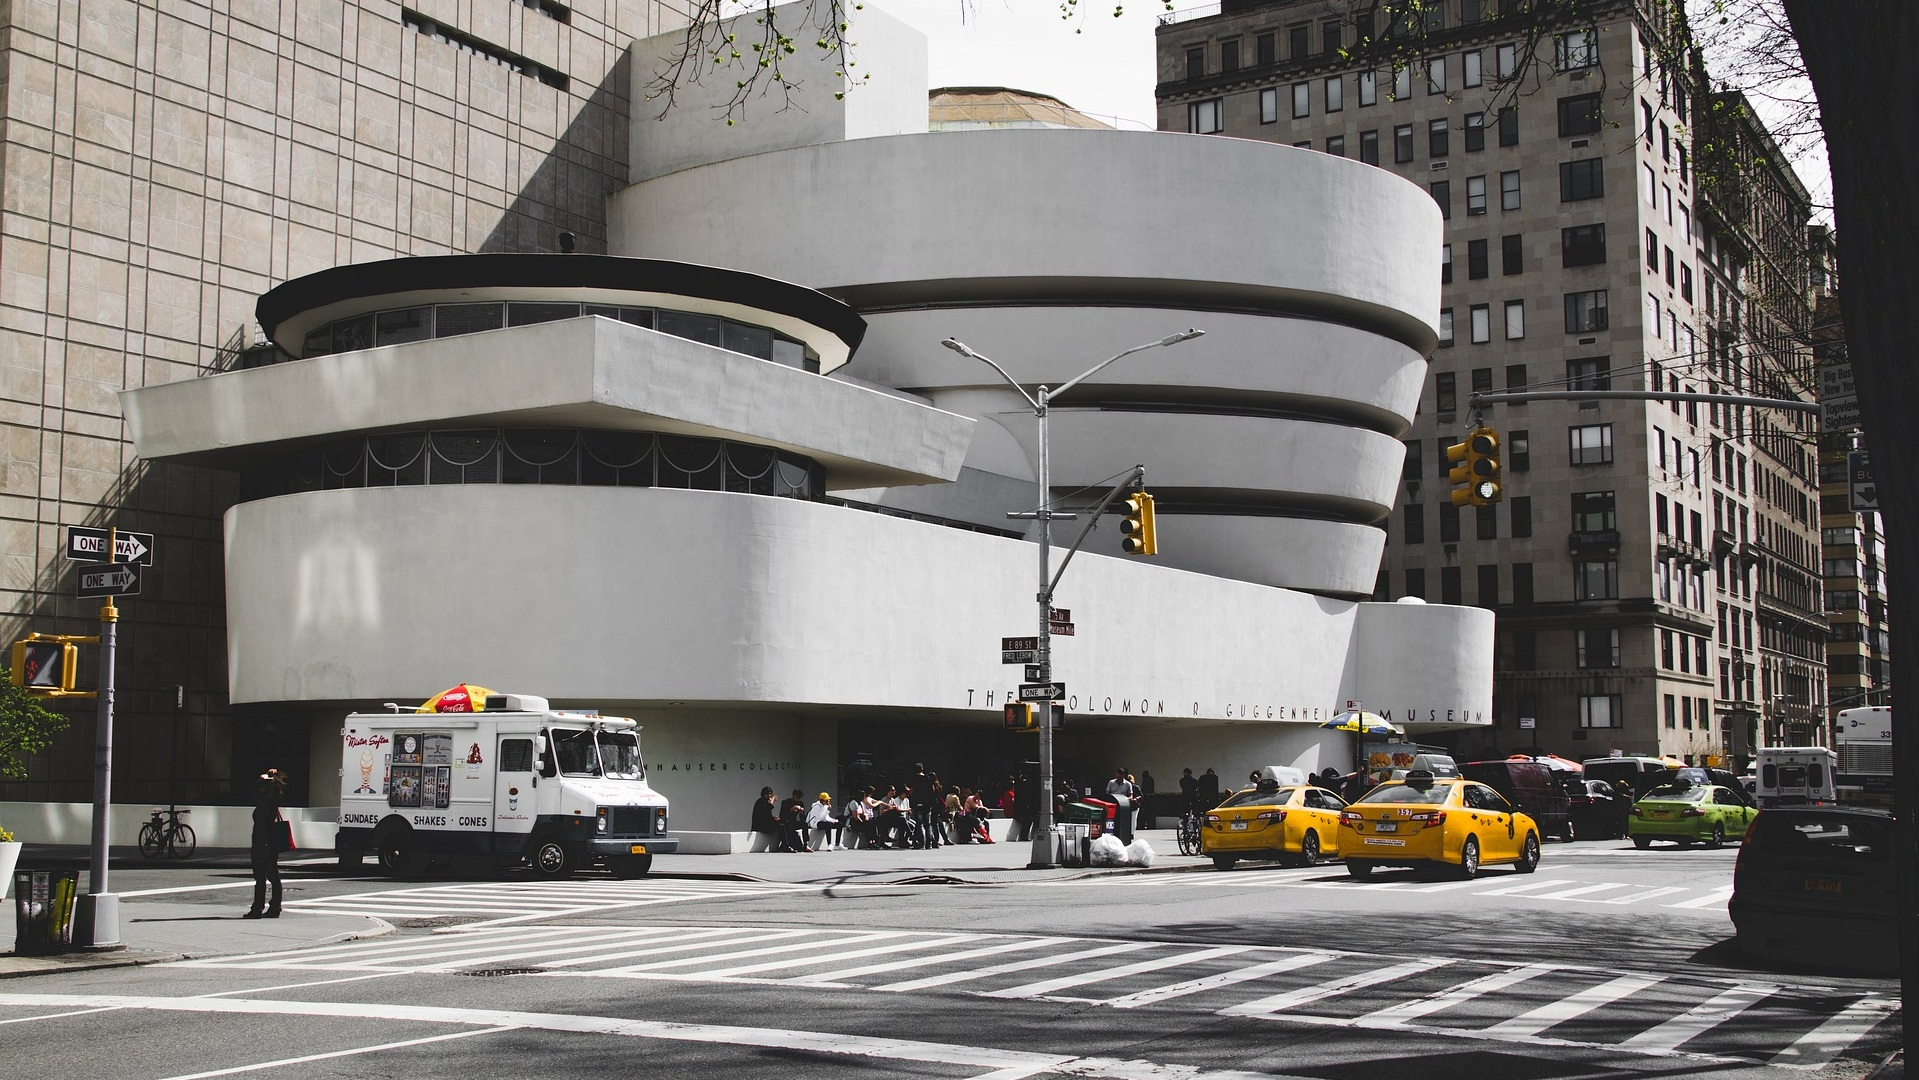 Guggenheim vacker byggnad och fint museum - Förutom att vara ett museum med både permanenta och tillfälliga utställningar som lyckas förbluffa besökare från hela världen är byggnaden i sig en vacker sevärdhet. Det som utmärker den är dess stora ringar på toppen av den vita grunden. Byggnaden har även filmatiserats i Men in Black med bland andra Will Smith.